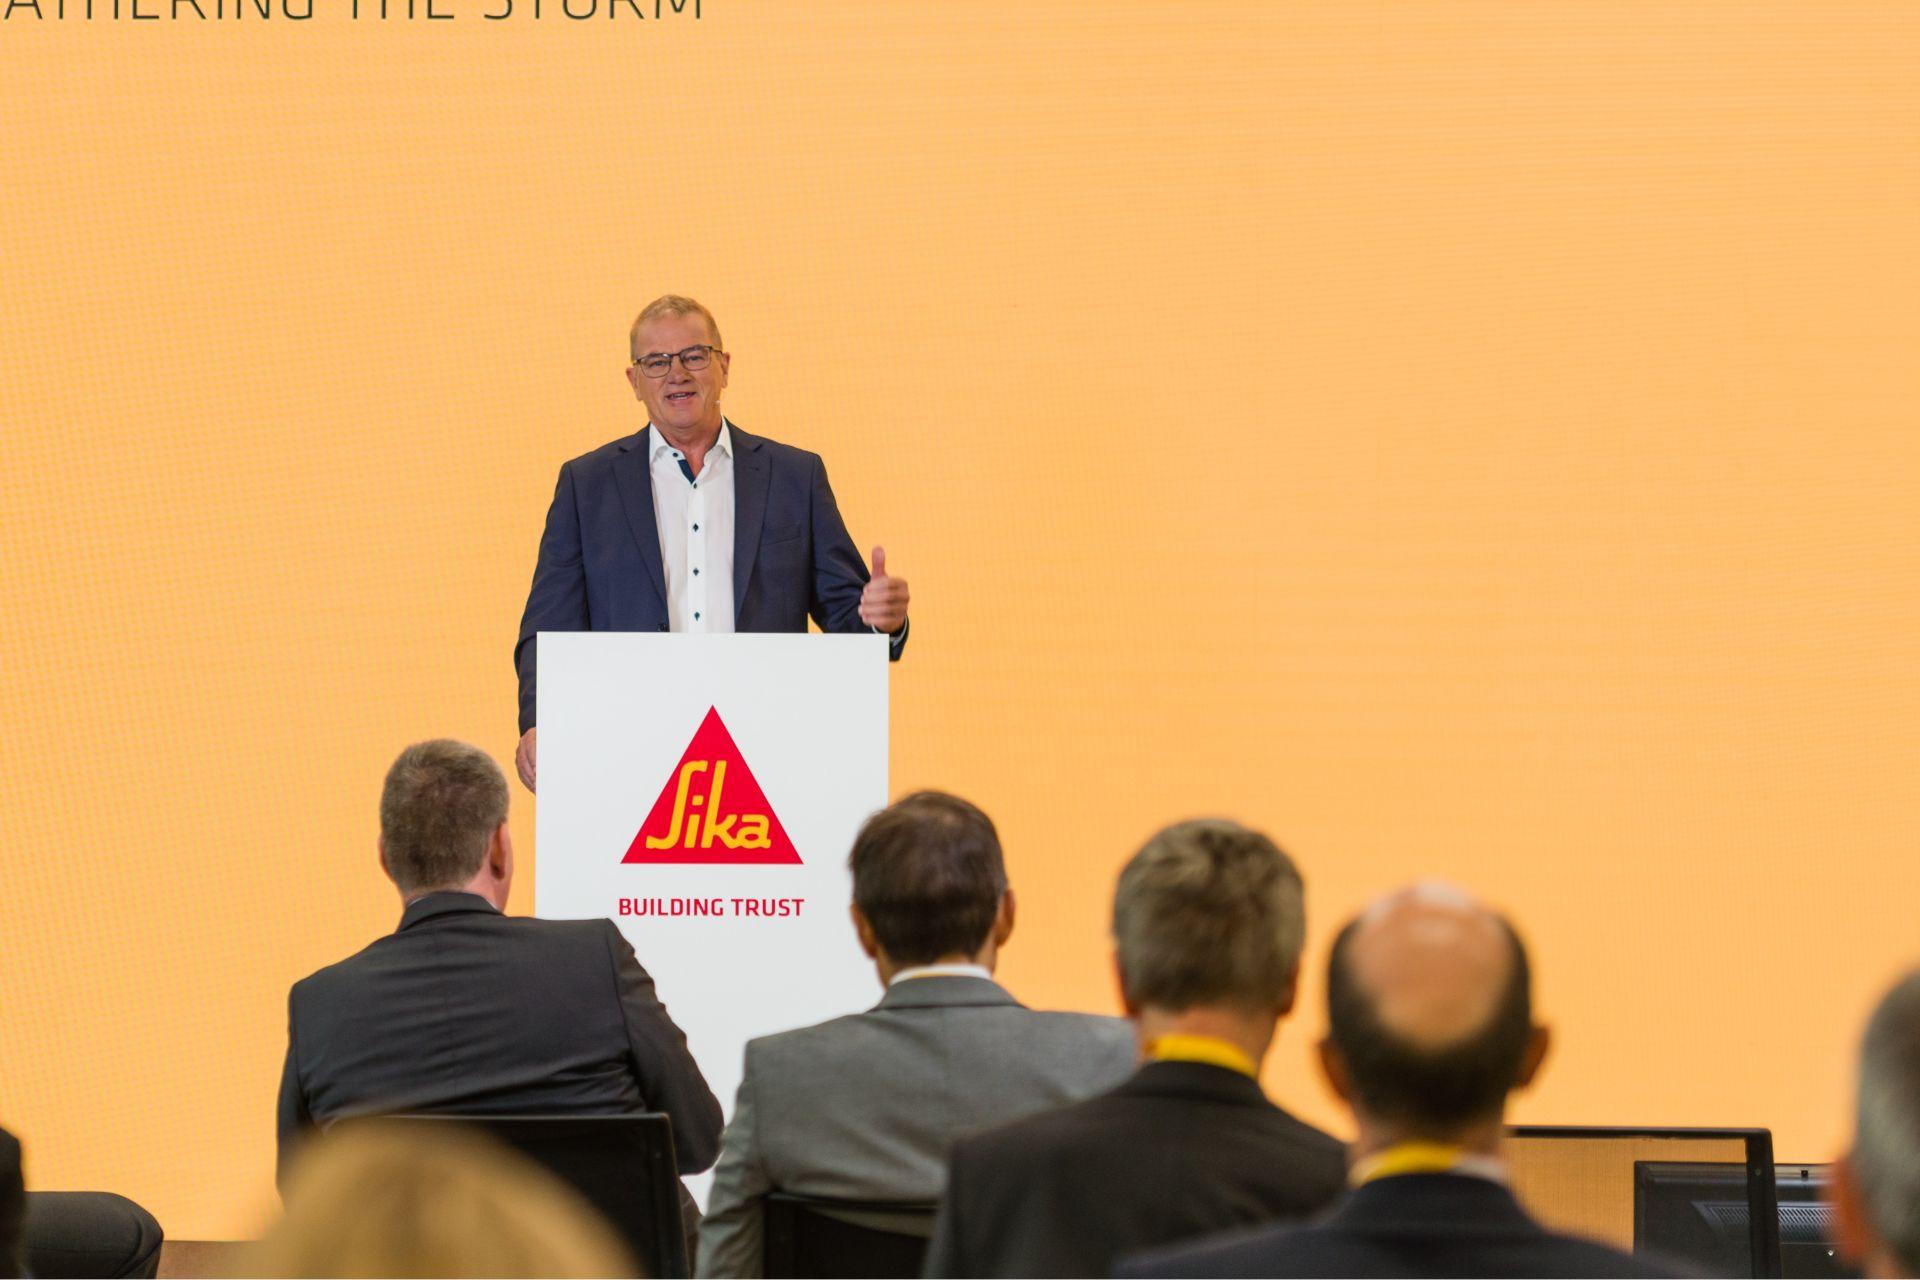 Capital Markets Day 2020 in Zurich